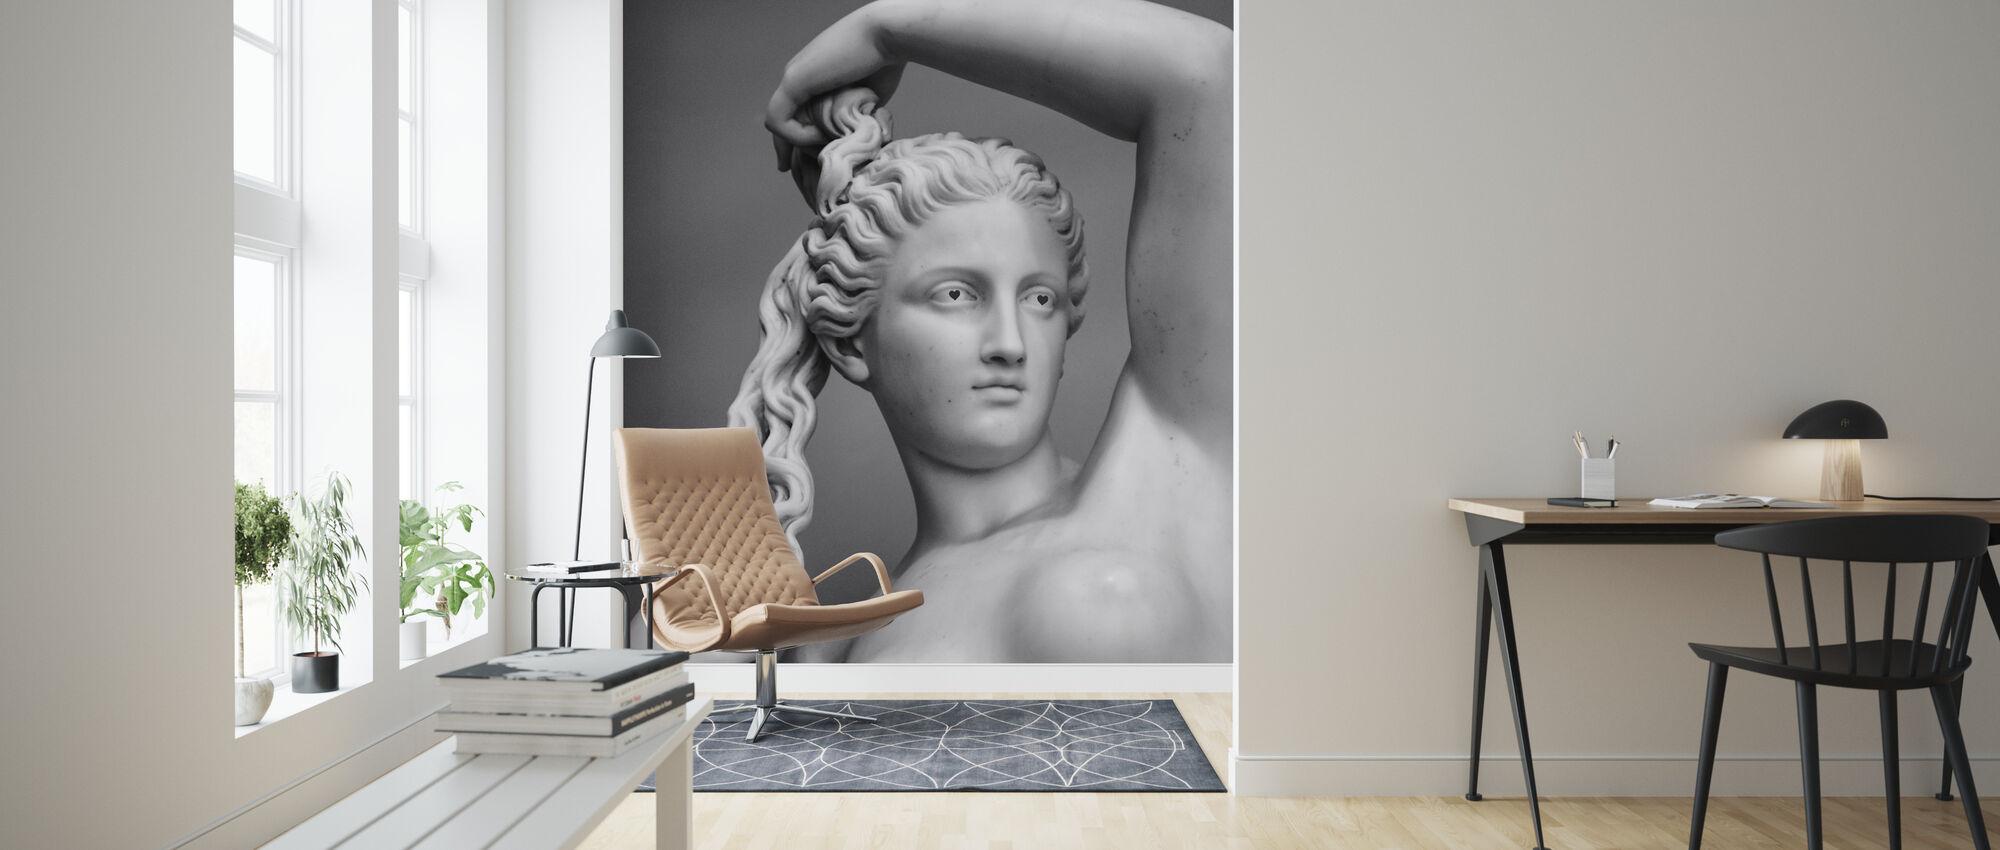 Love Goddess - Wallpaper - Living Room